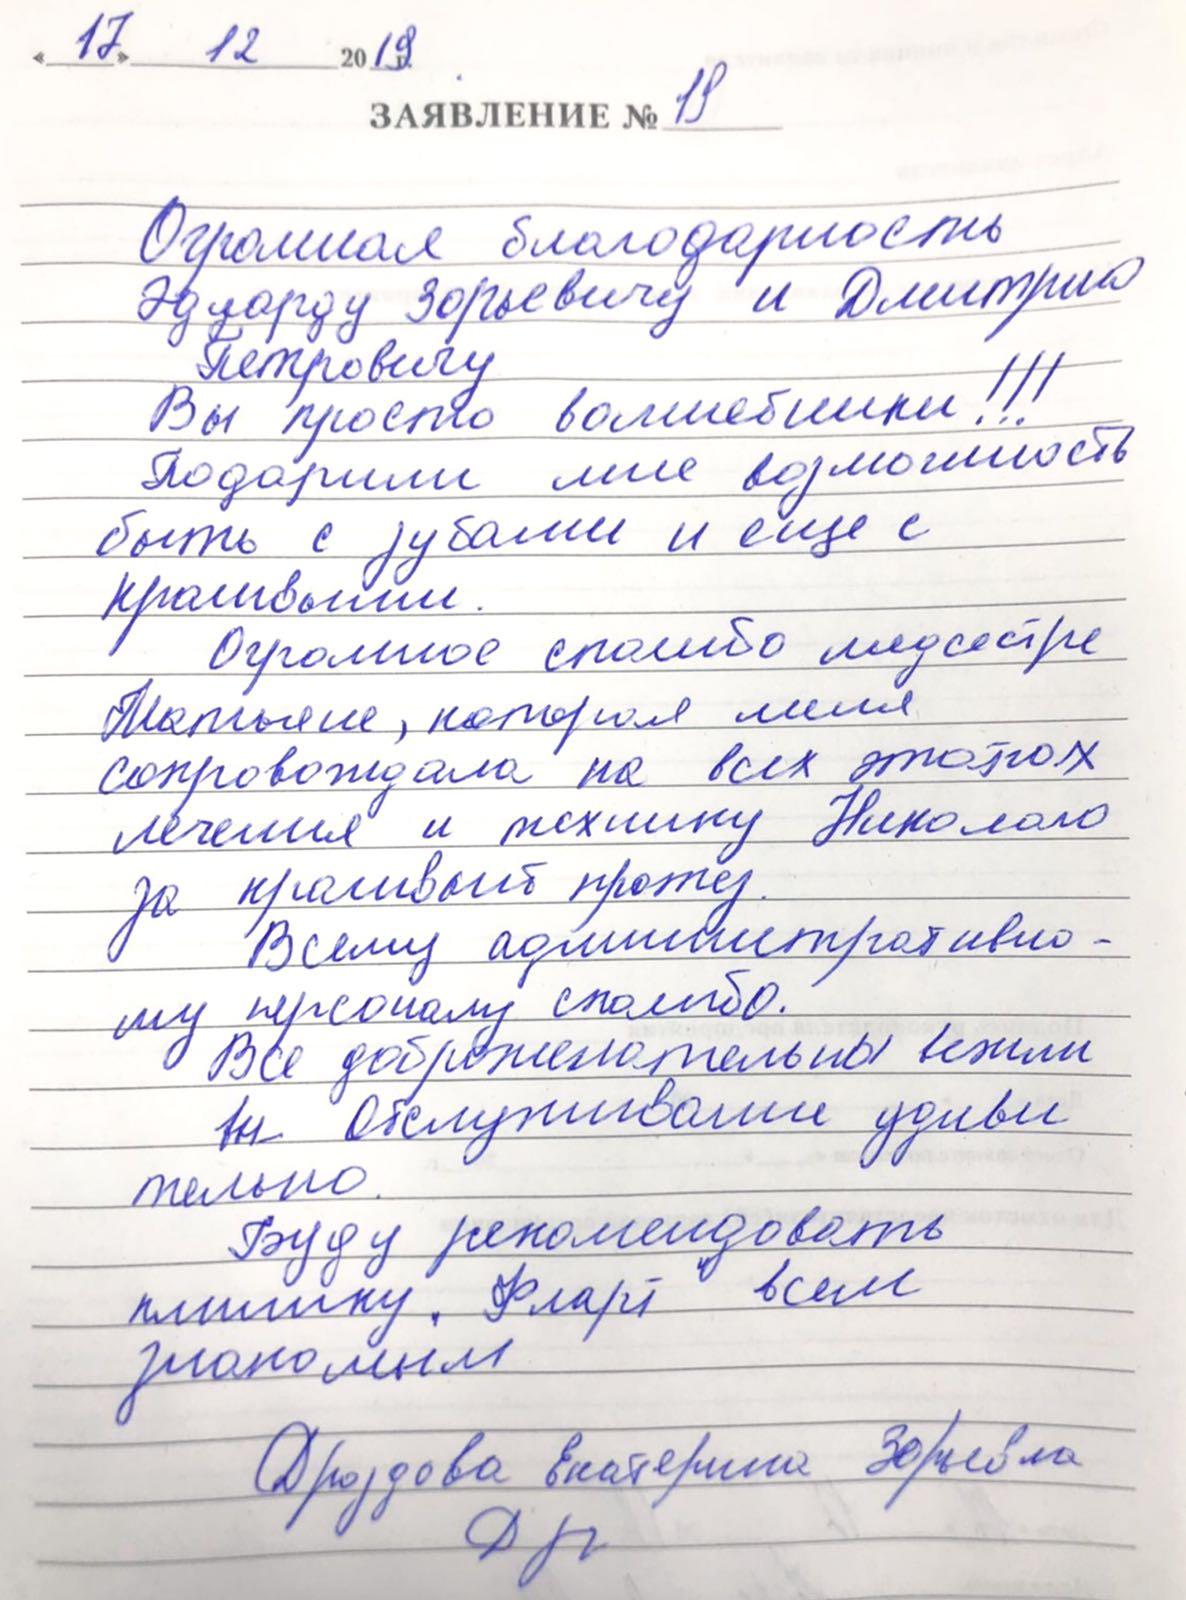 <em>Редактировать Отзыв</em> Екатерина Зорьевна. Стоматология Фларт